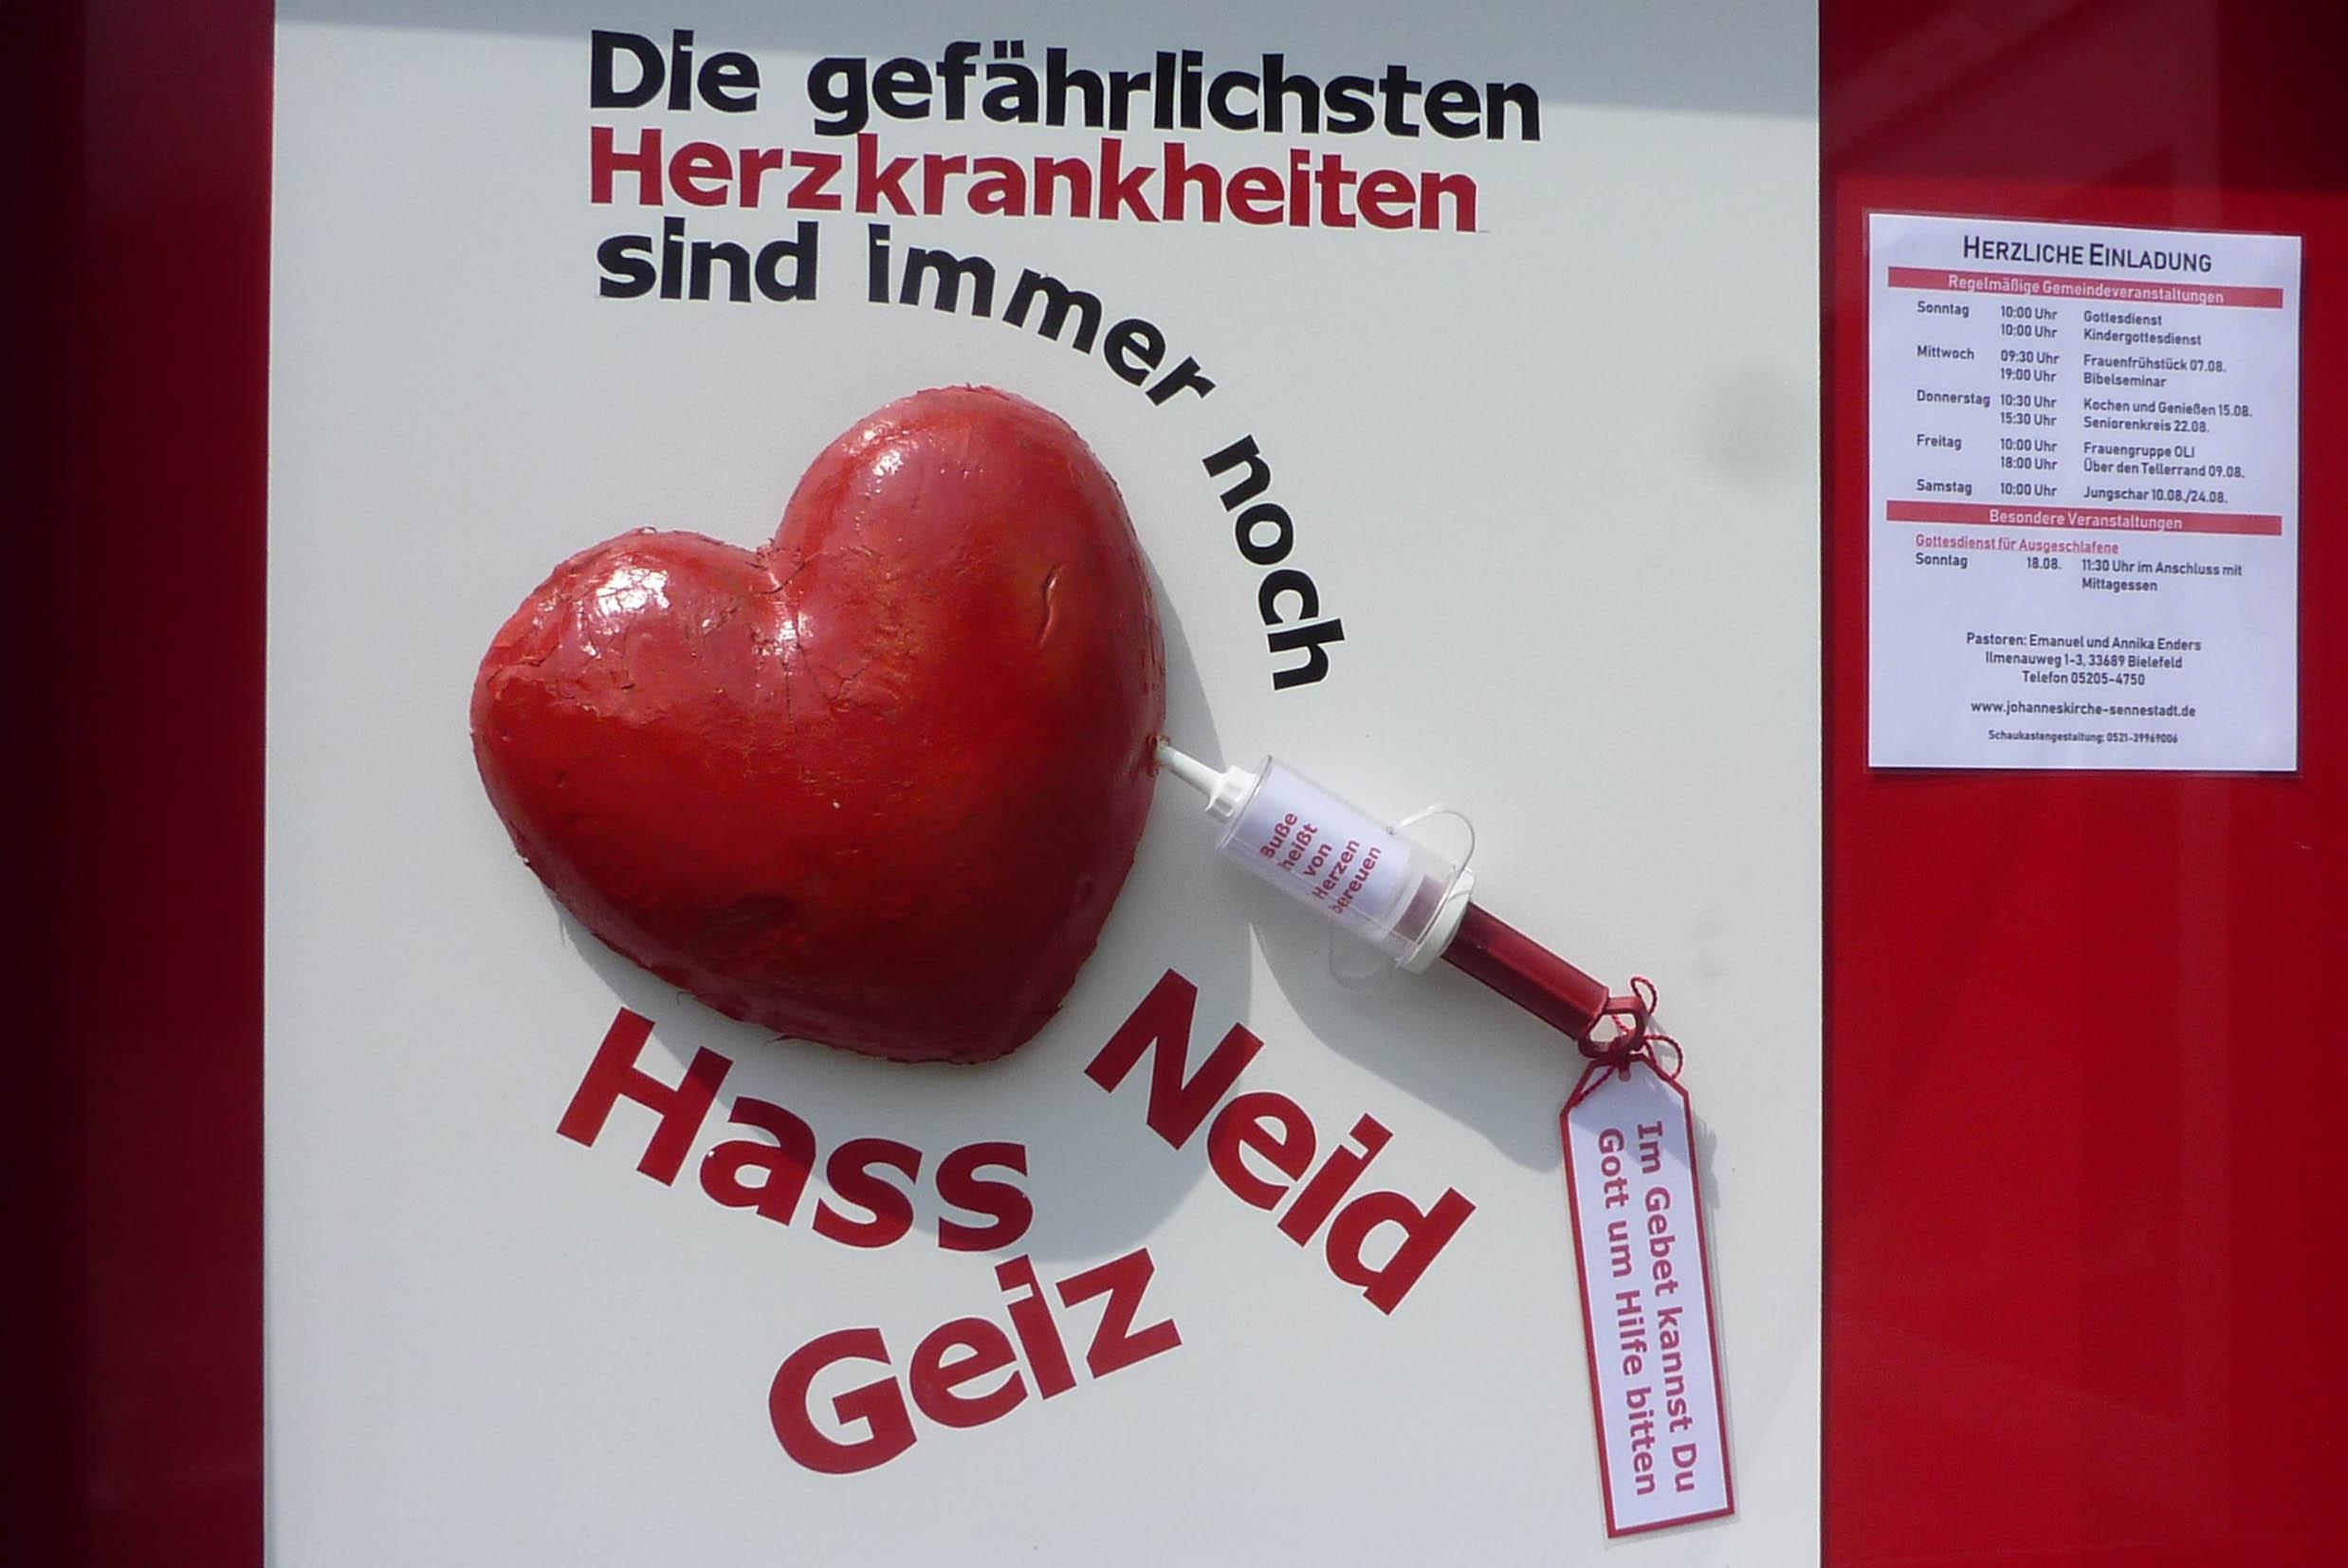 Herzkrankheiten_zugeschnitten_P1030873.jpg